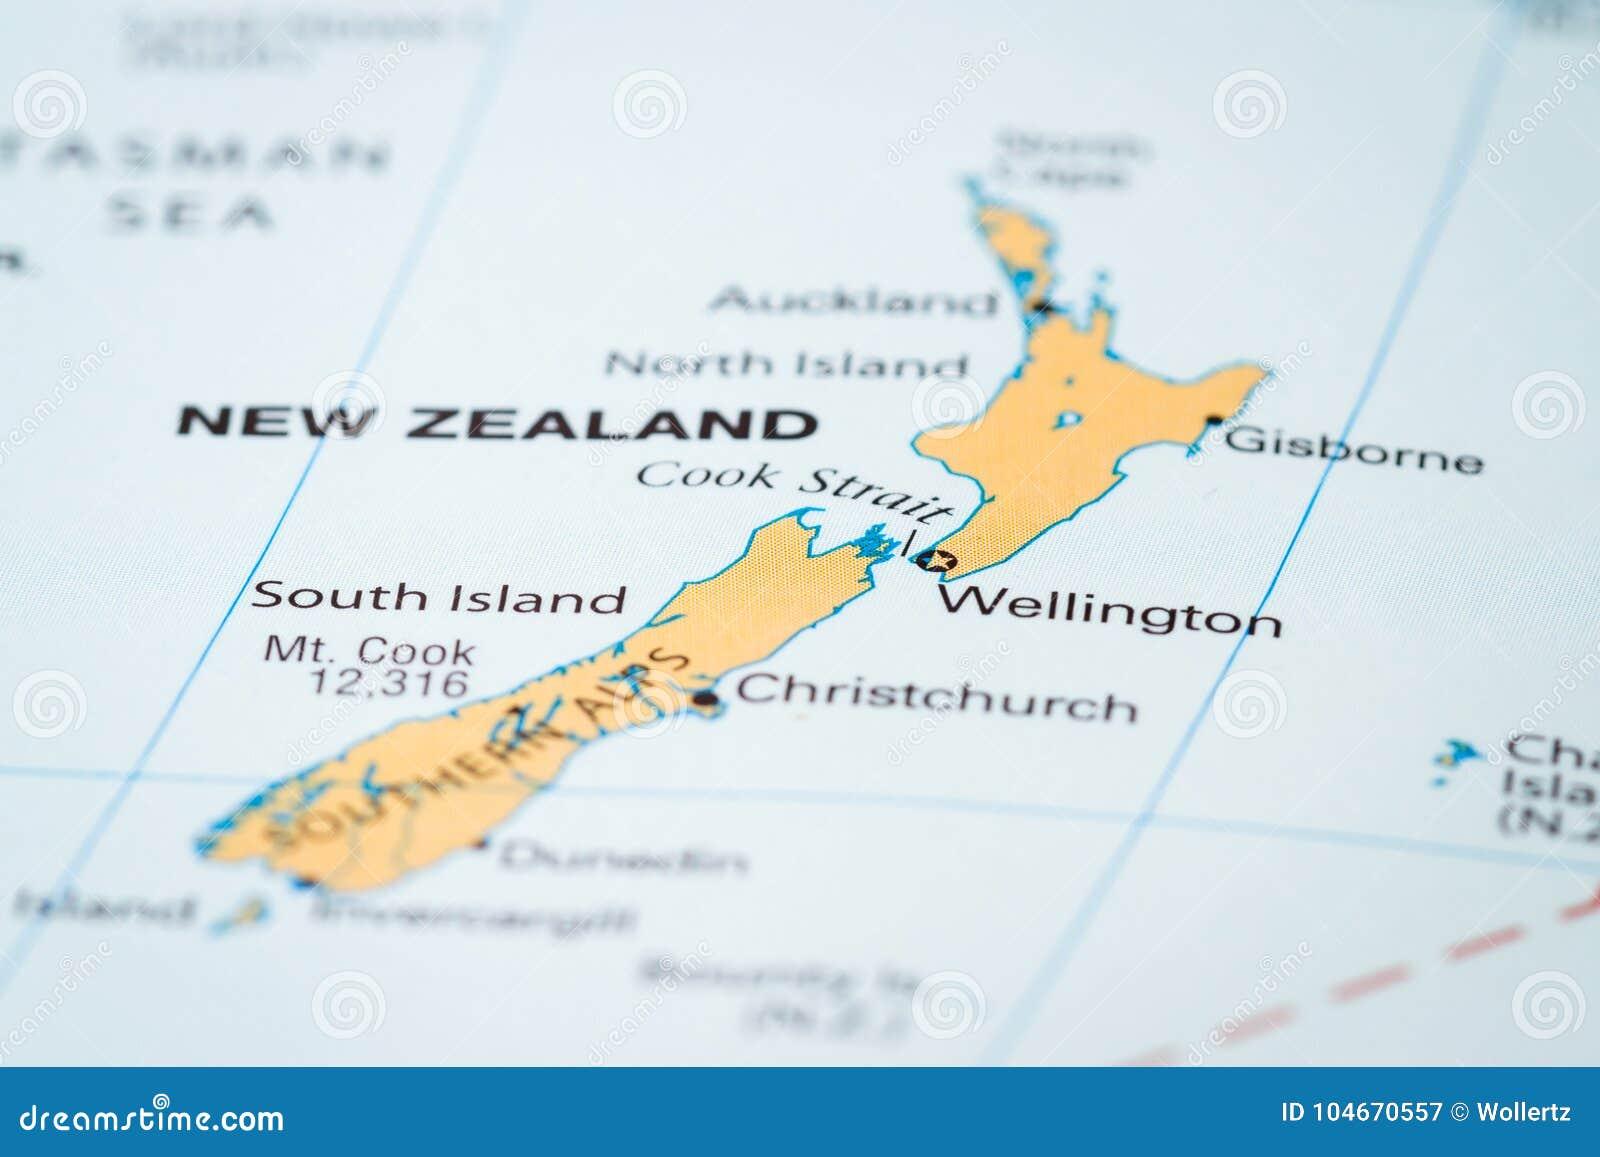 Neuseeland Auf Einer Karte Stockbild Bild Von Karte 104670557